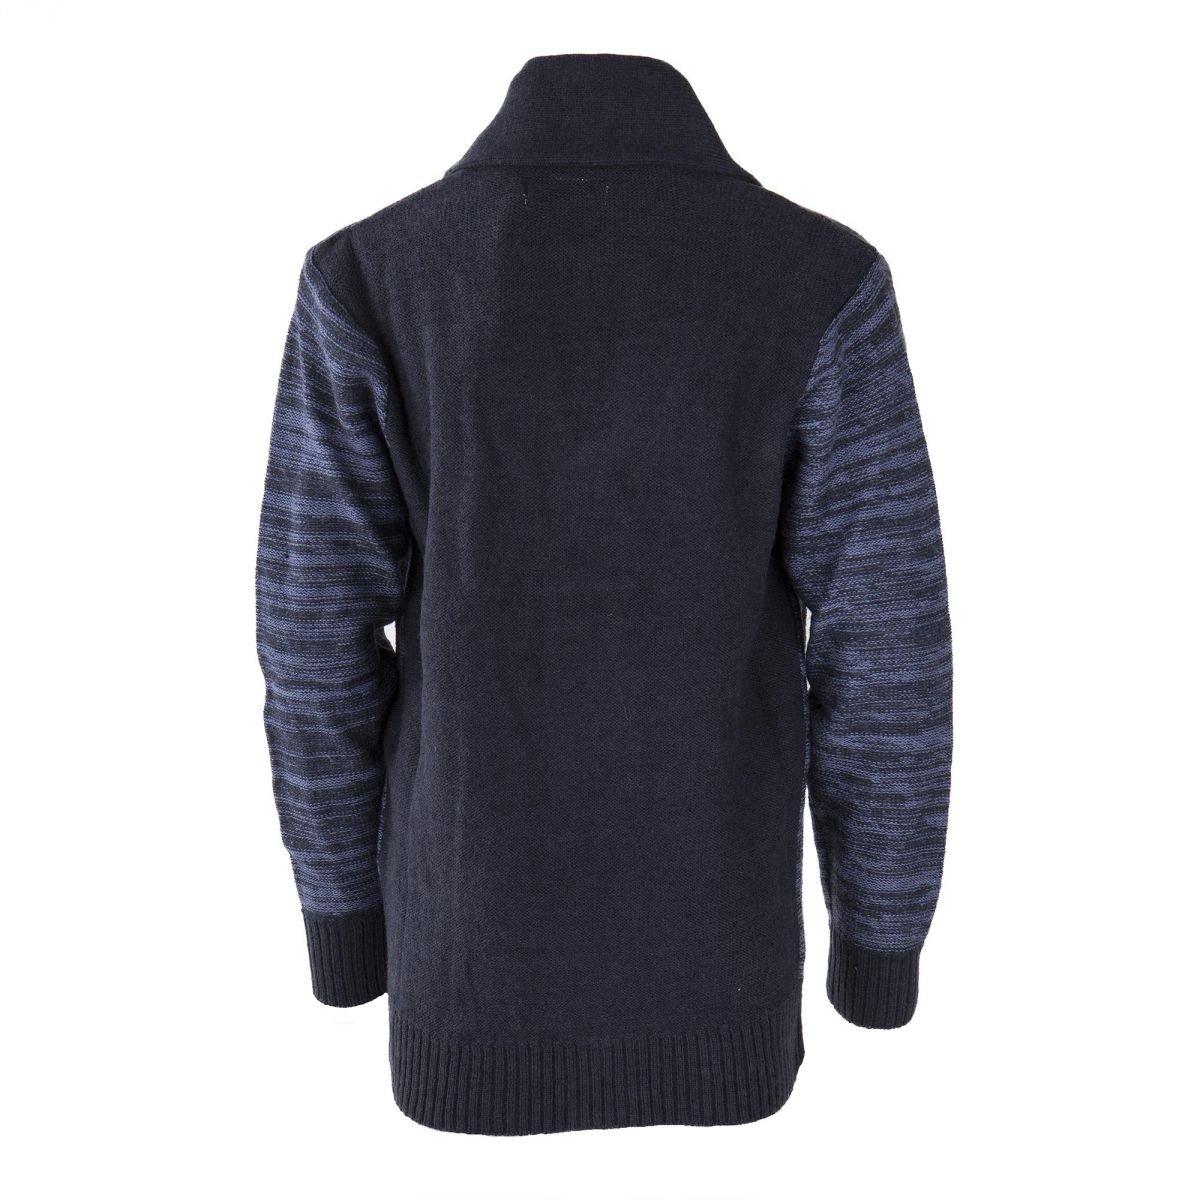 1241b7eef160b Best Mountain Gilet Bleu mariné chiné col châle garçon 16 Ans Bleu:  Amazon.fr: Vêtements et accessoires